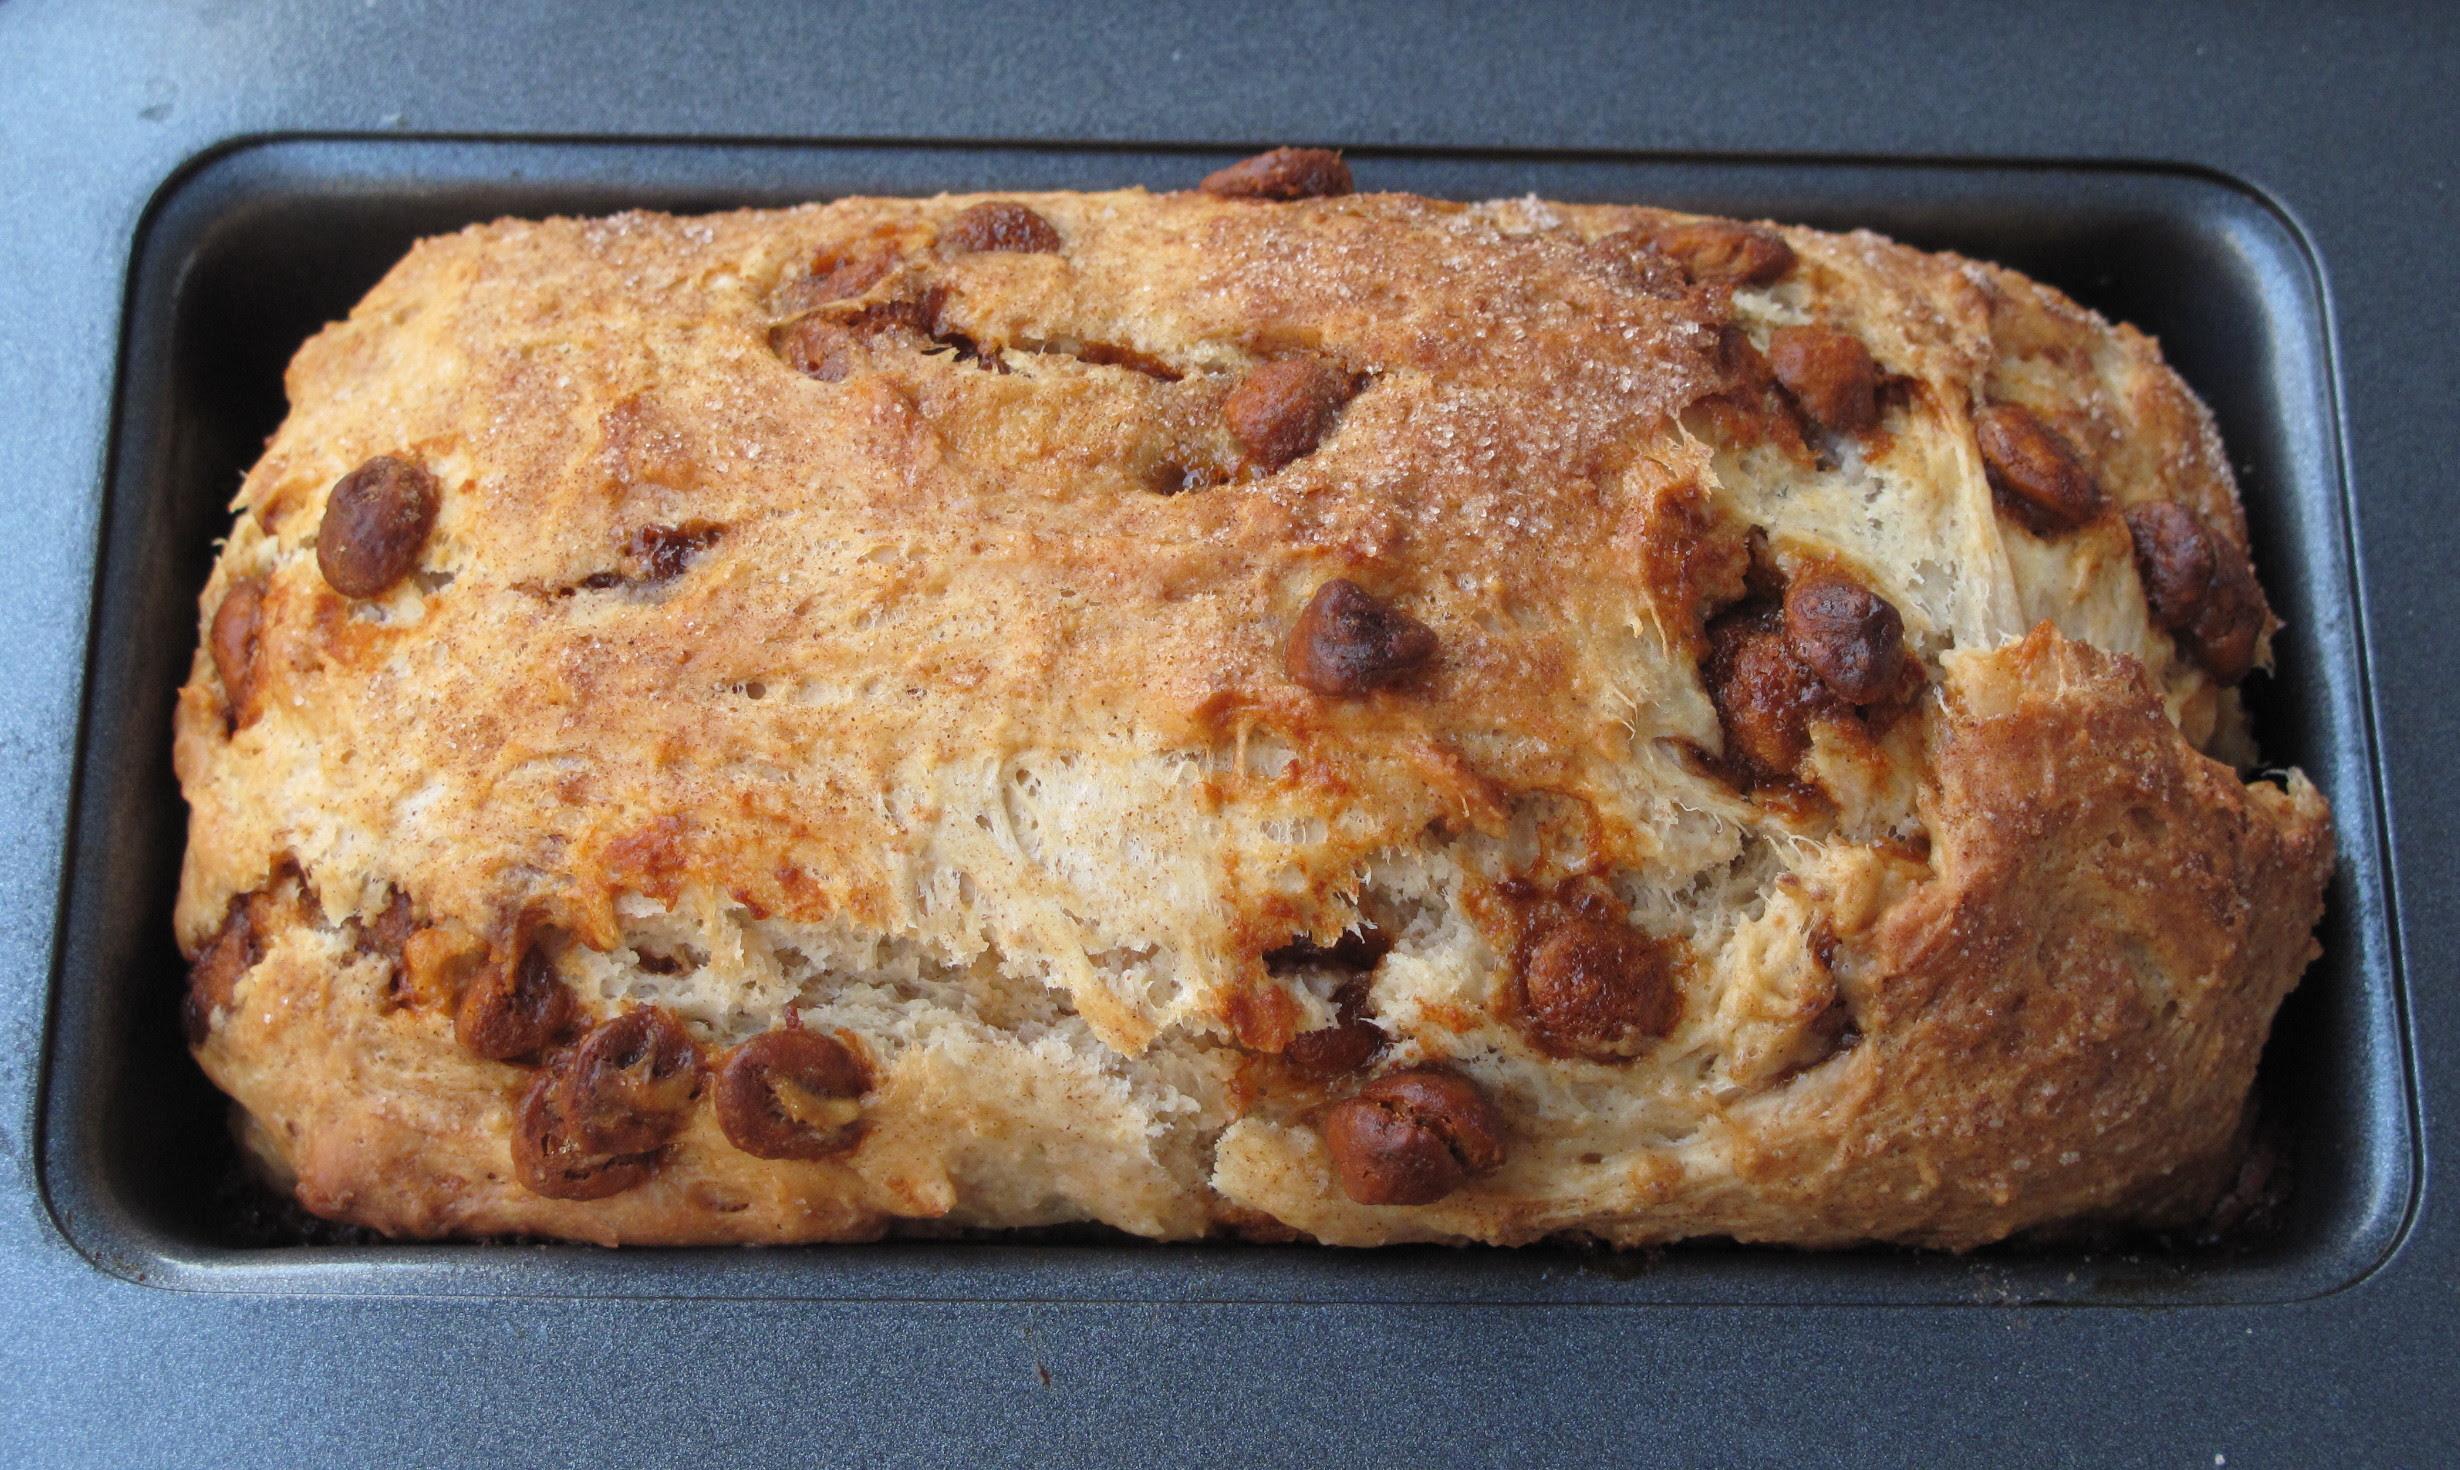 Easy Cinnamon Bread - The Monday Box